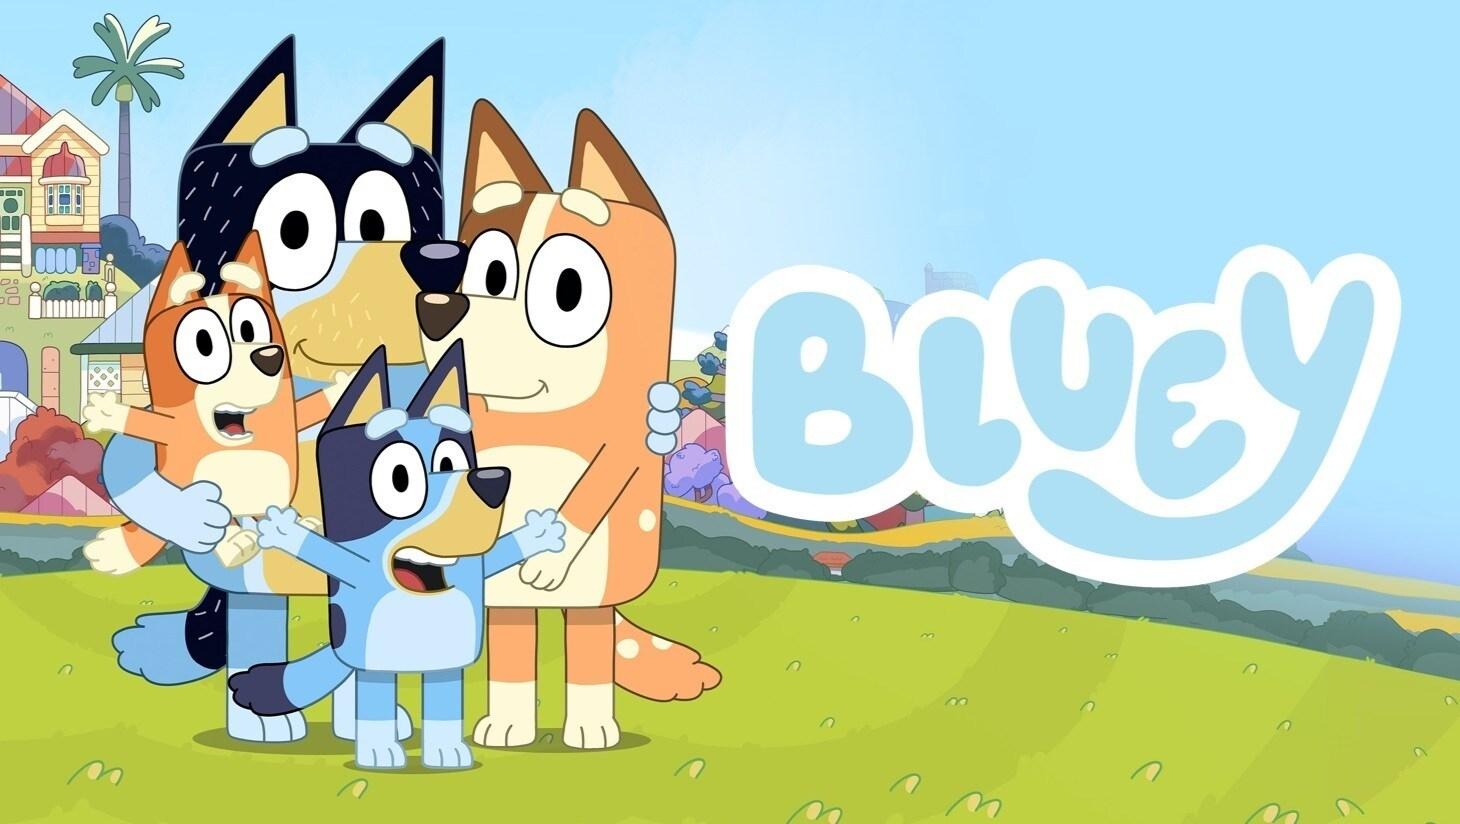 """Bluey, Bingo und ihre Eltern auf einem grünen Hügel mit einem Haus und blauem Himmel im Hintergrund, """"Bluey""""-Logo"""